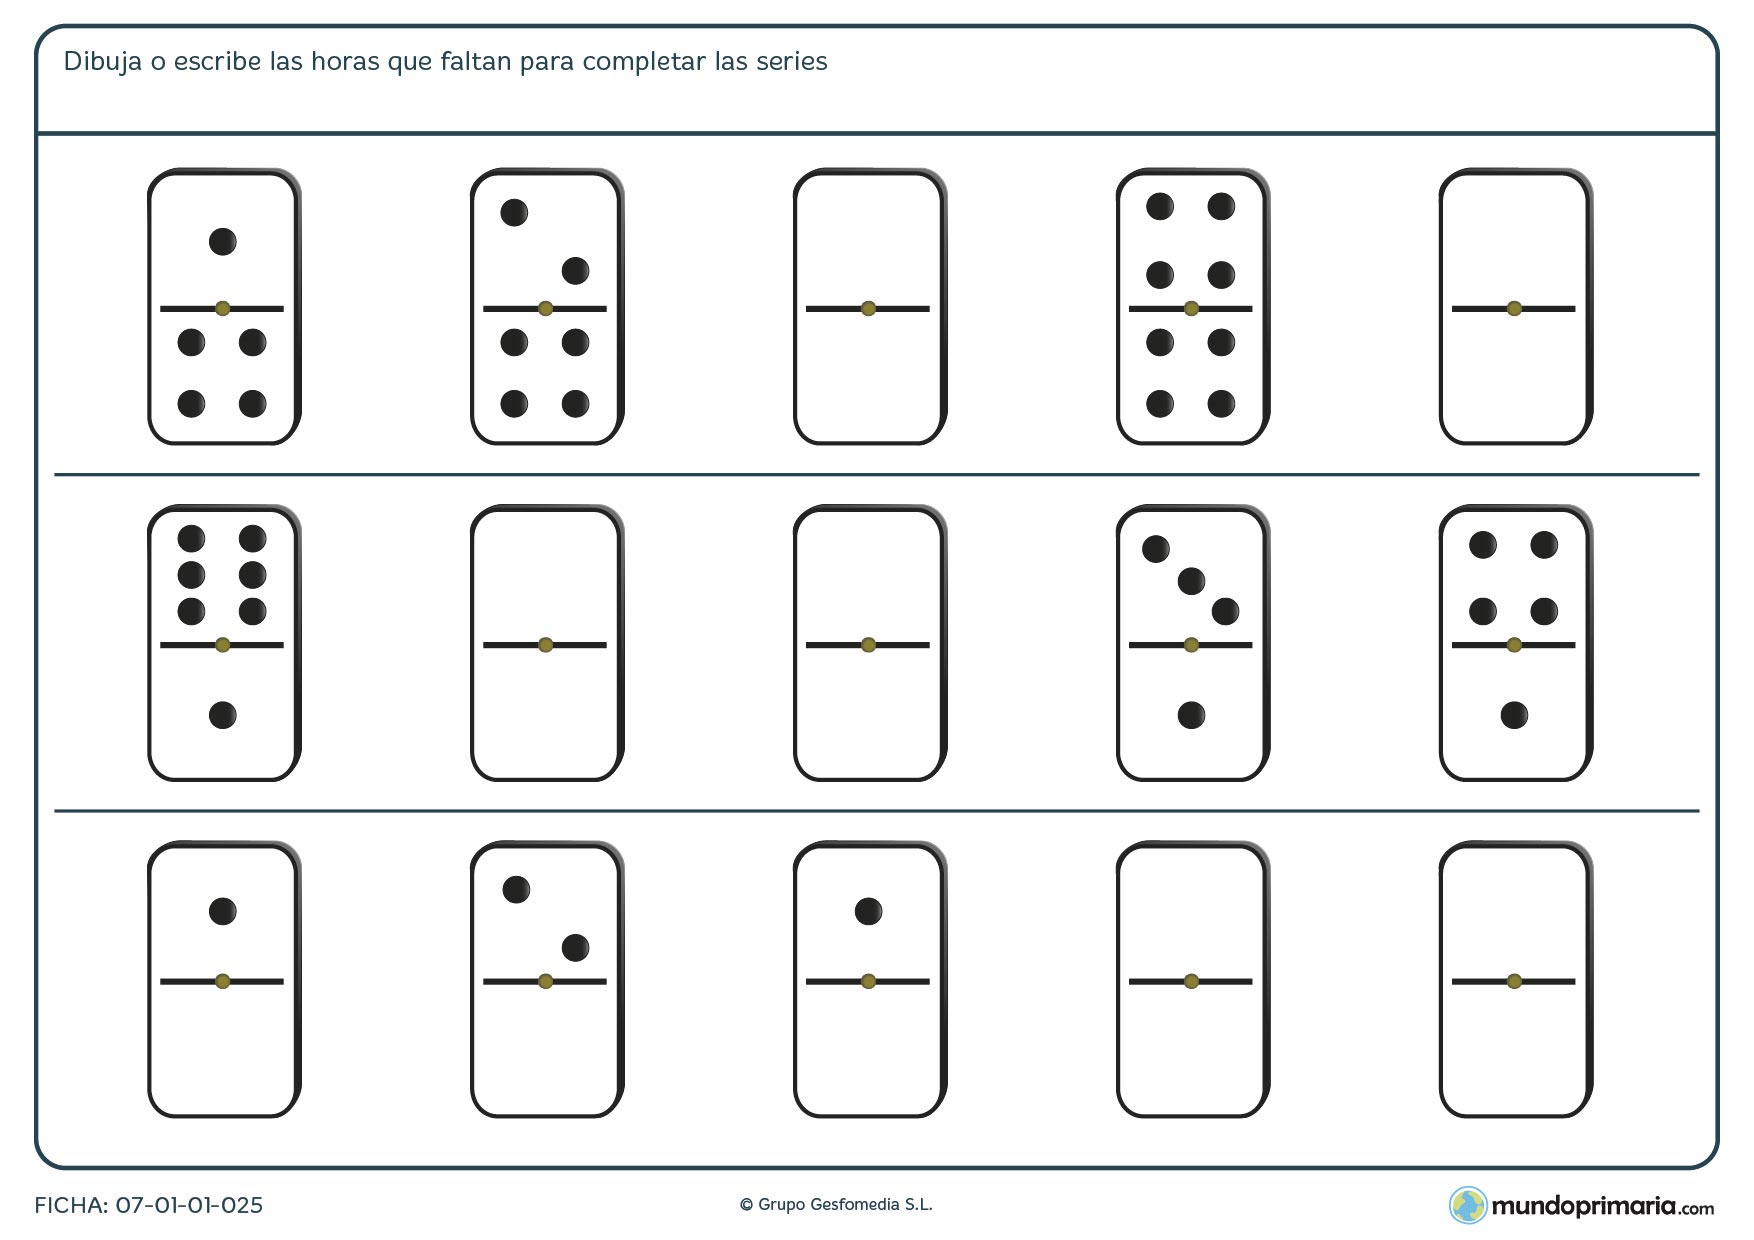 Ficha de series de fichas de dominó para completar correctamente.